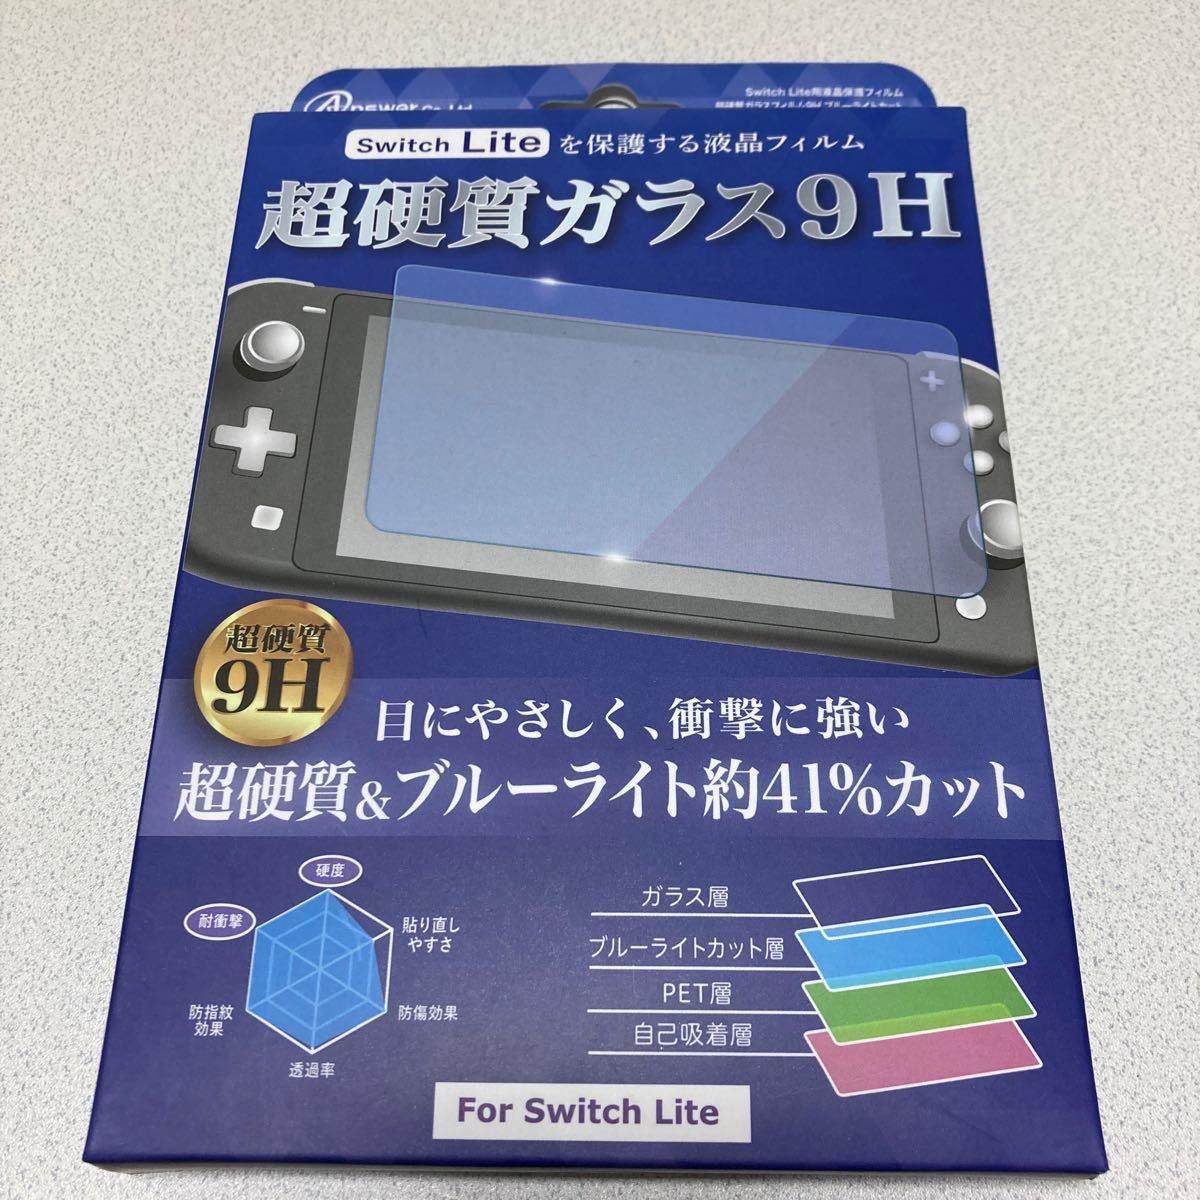 アンサー Switch Lite用 液晶保護フィルム 超硬質ガラスフィルム9H ブルーライトカット ANS-SW085